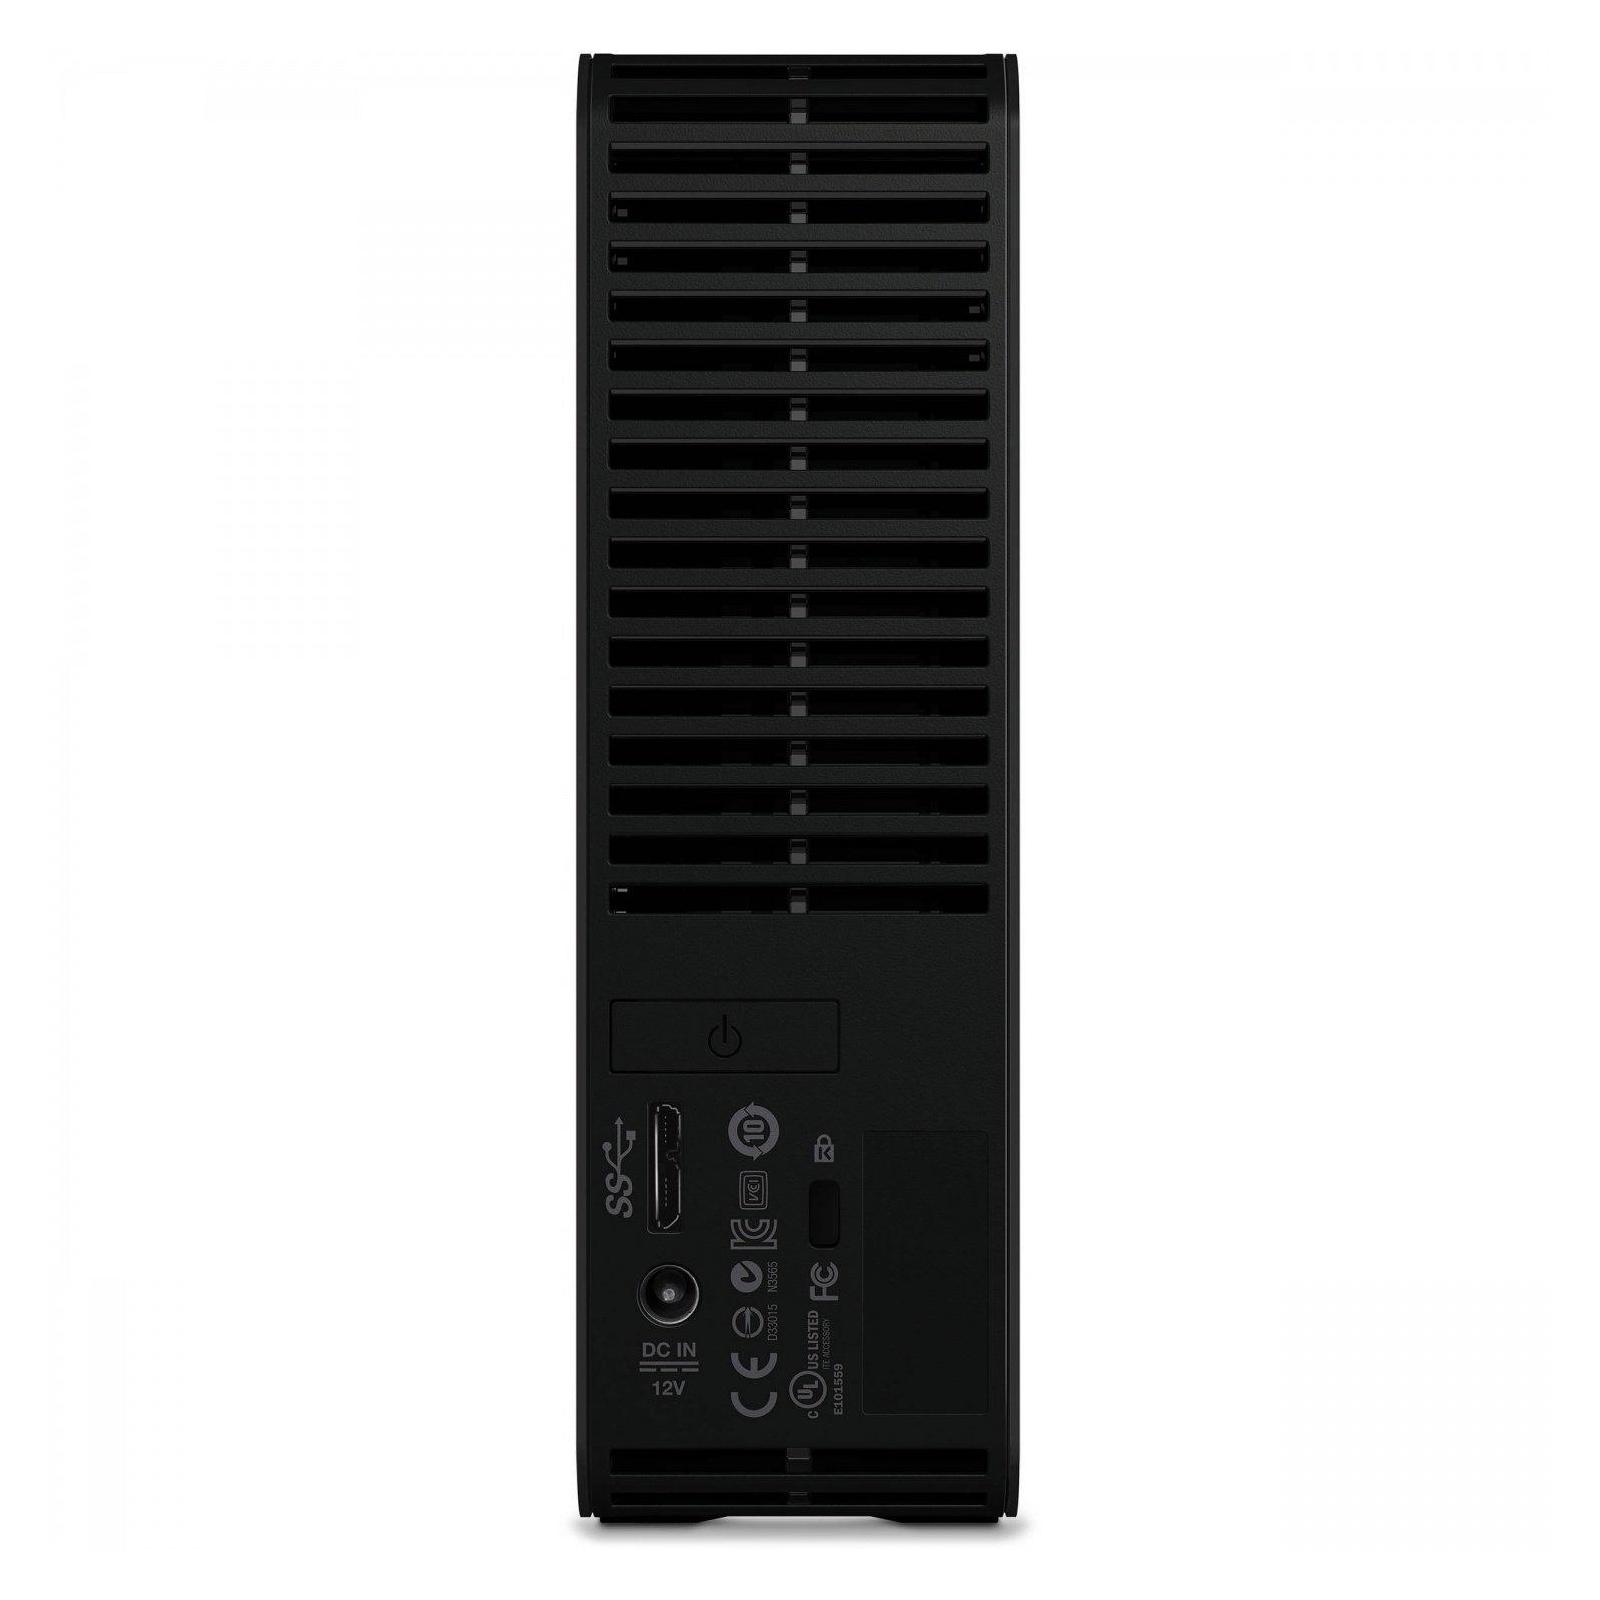 """Внешний жесткий диск 3.5"""" 8TB Western Digital (WDBWLG0080HBK-EESN) изображение 4"""